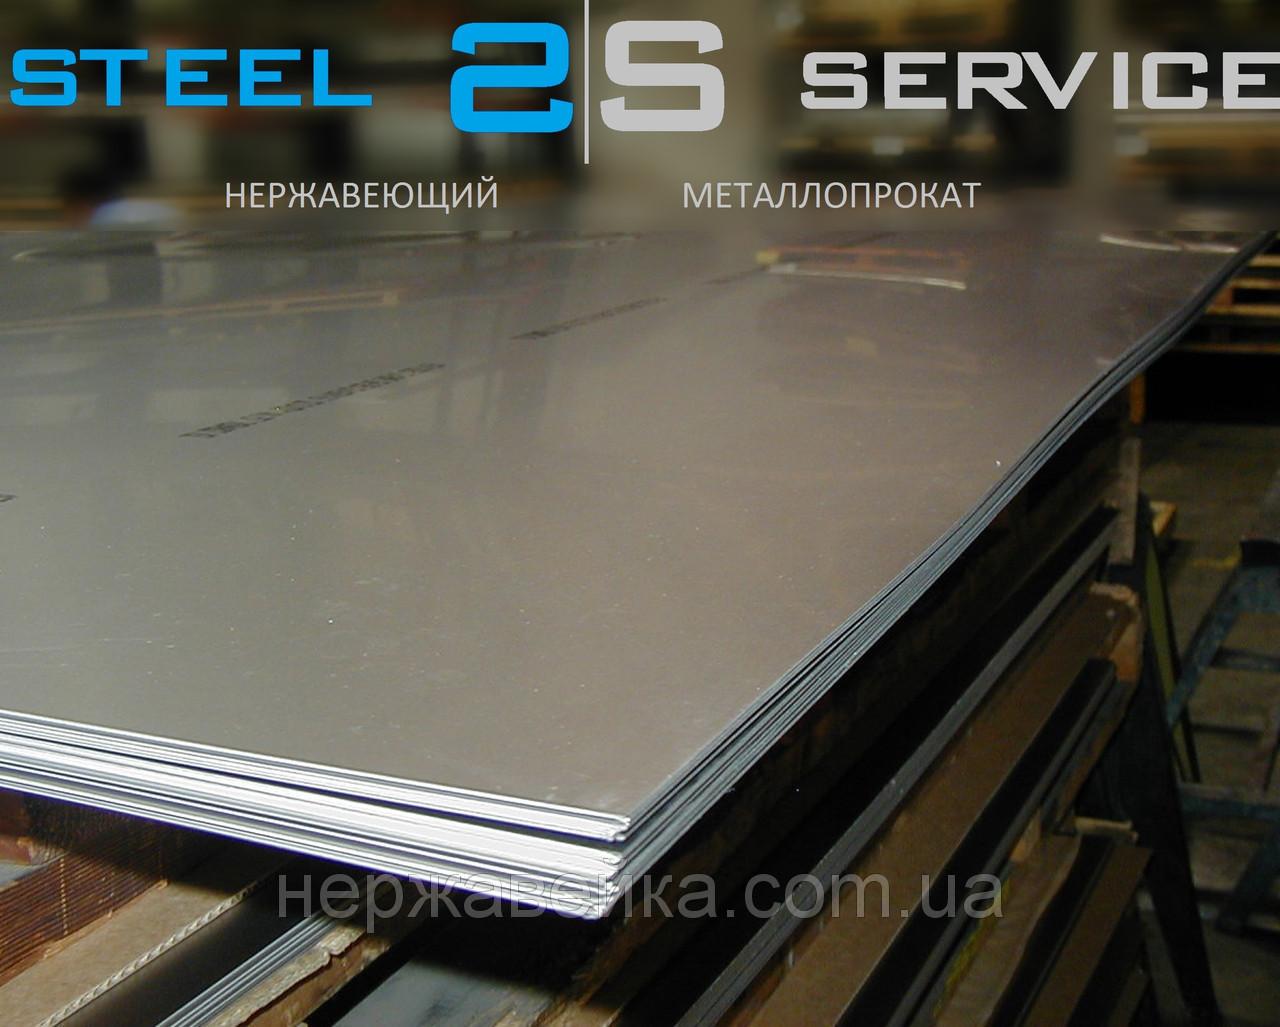 Листовая нержавейка 1,5х1250х2500мм  AISI 316Ti(10Х17Н13М2Т) 4N - шлифованный,  кислотостойкий